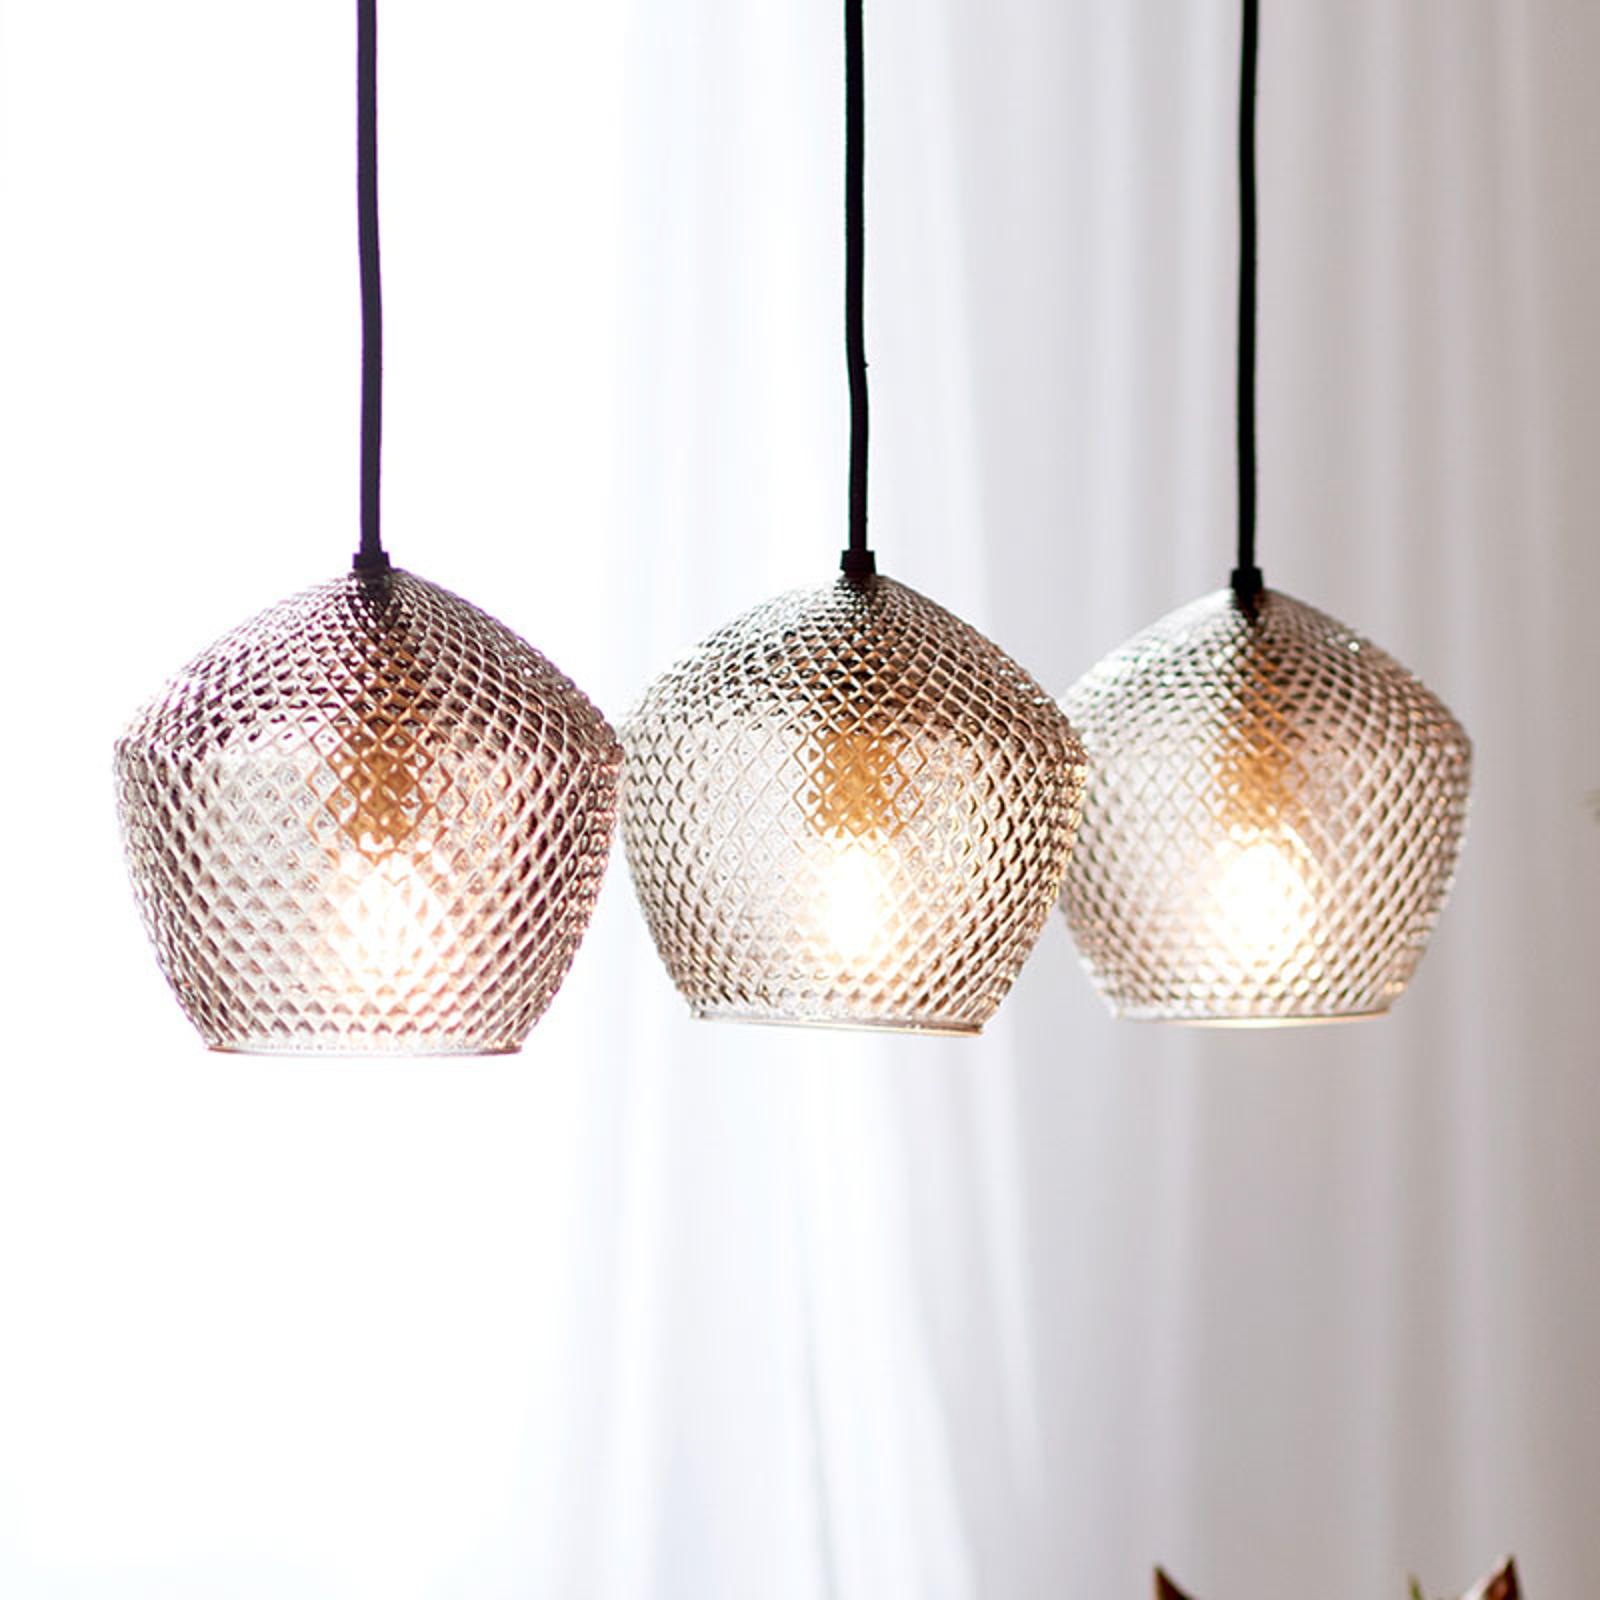 Lampa wisząca Orbiform trzy klosze dymione szkło